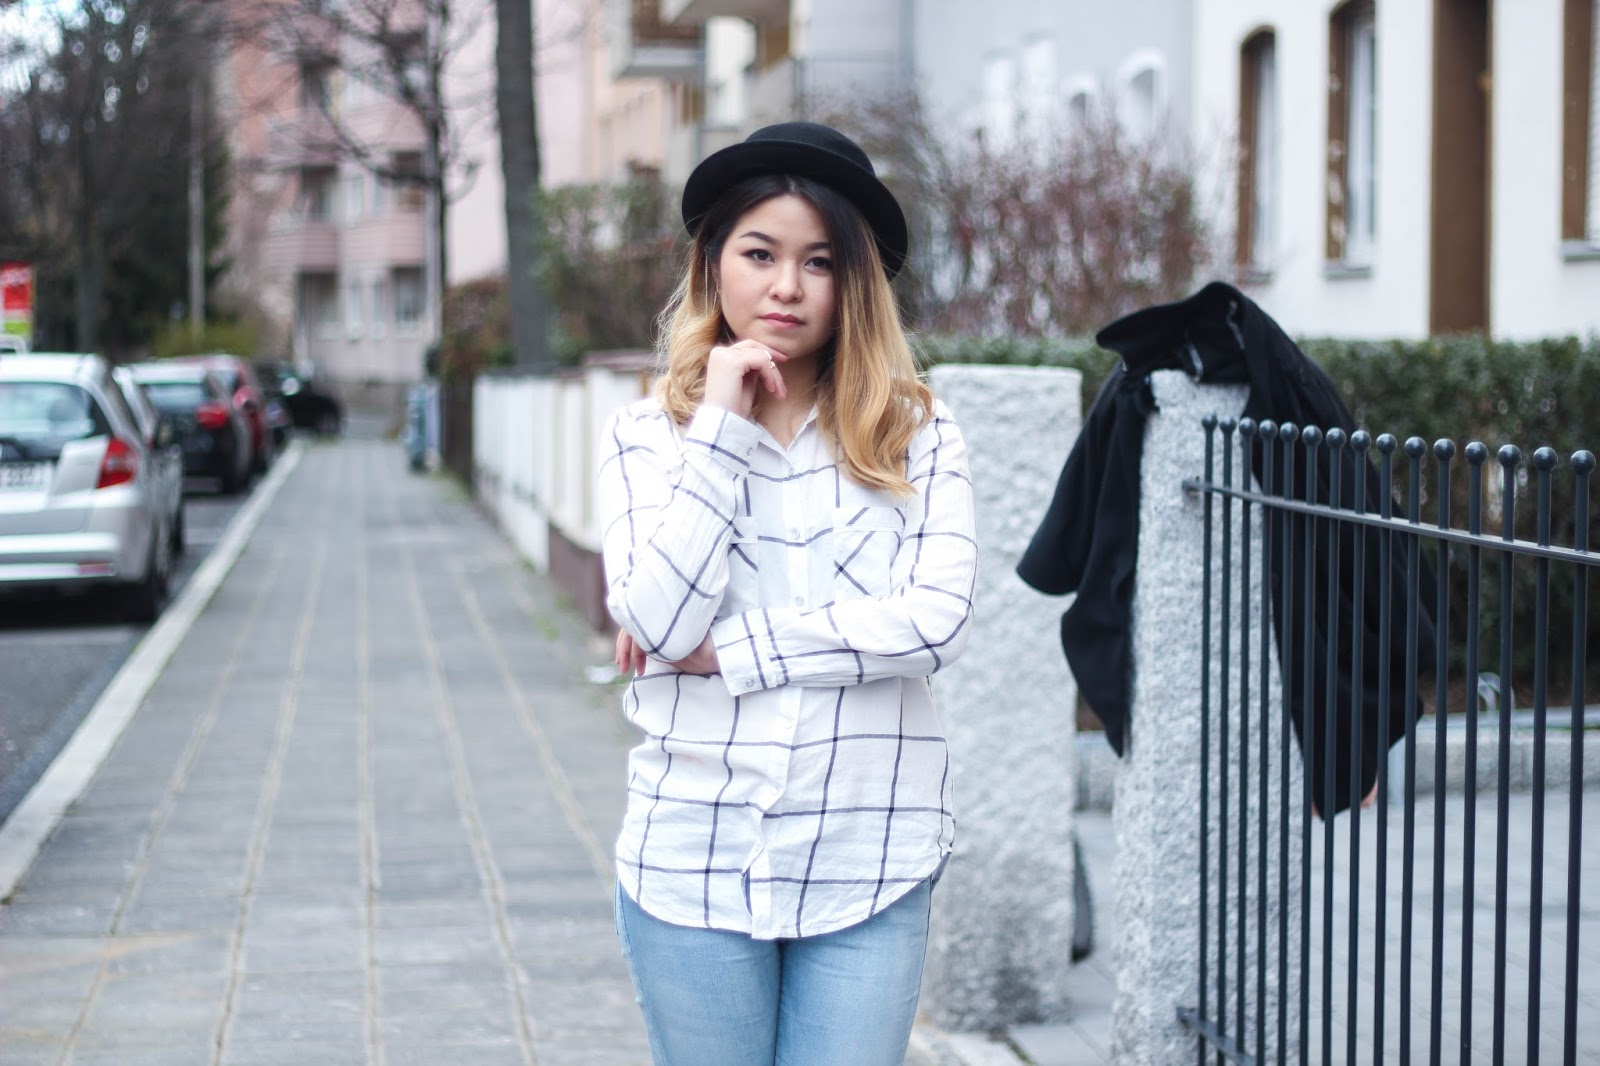 Fashionblogger OOTD || www.lootieloosplasticworld.de